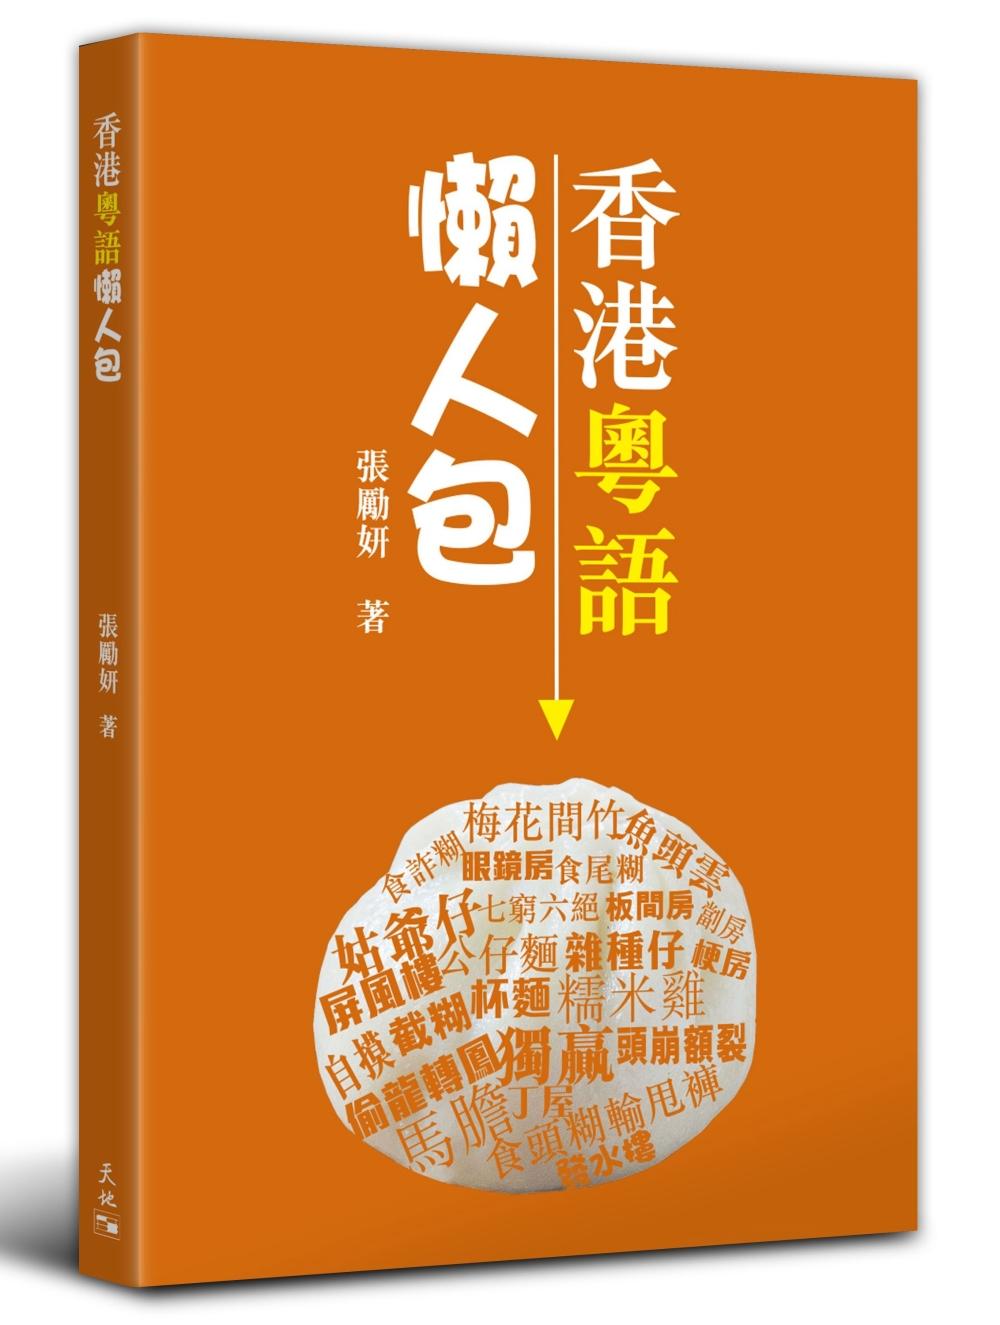 香港粵語懶人包